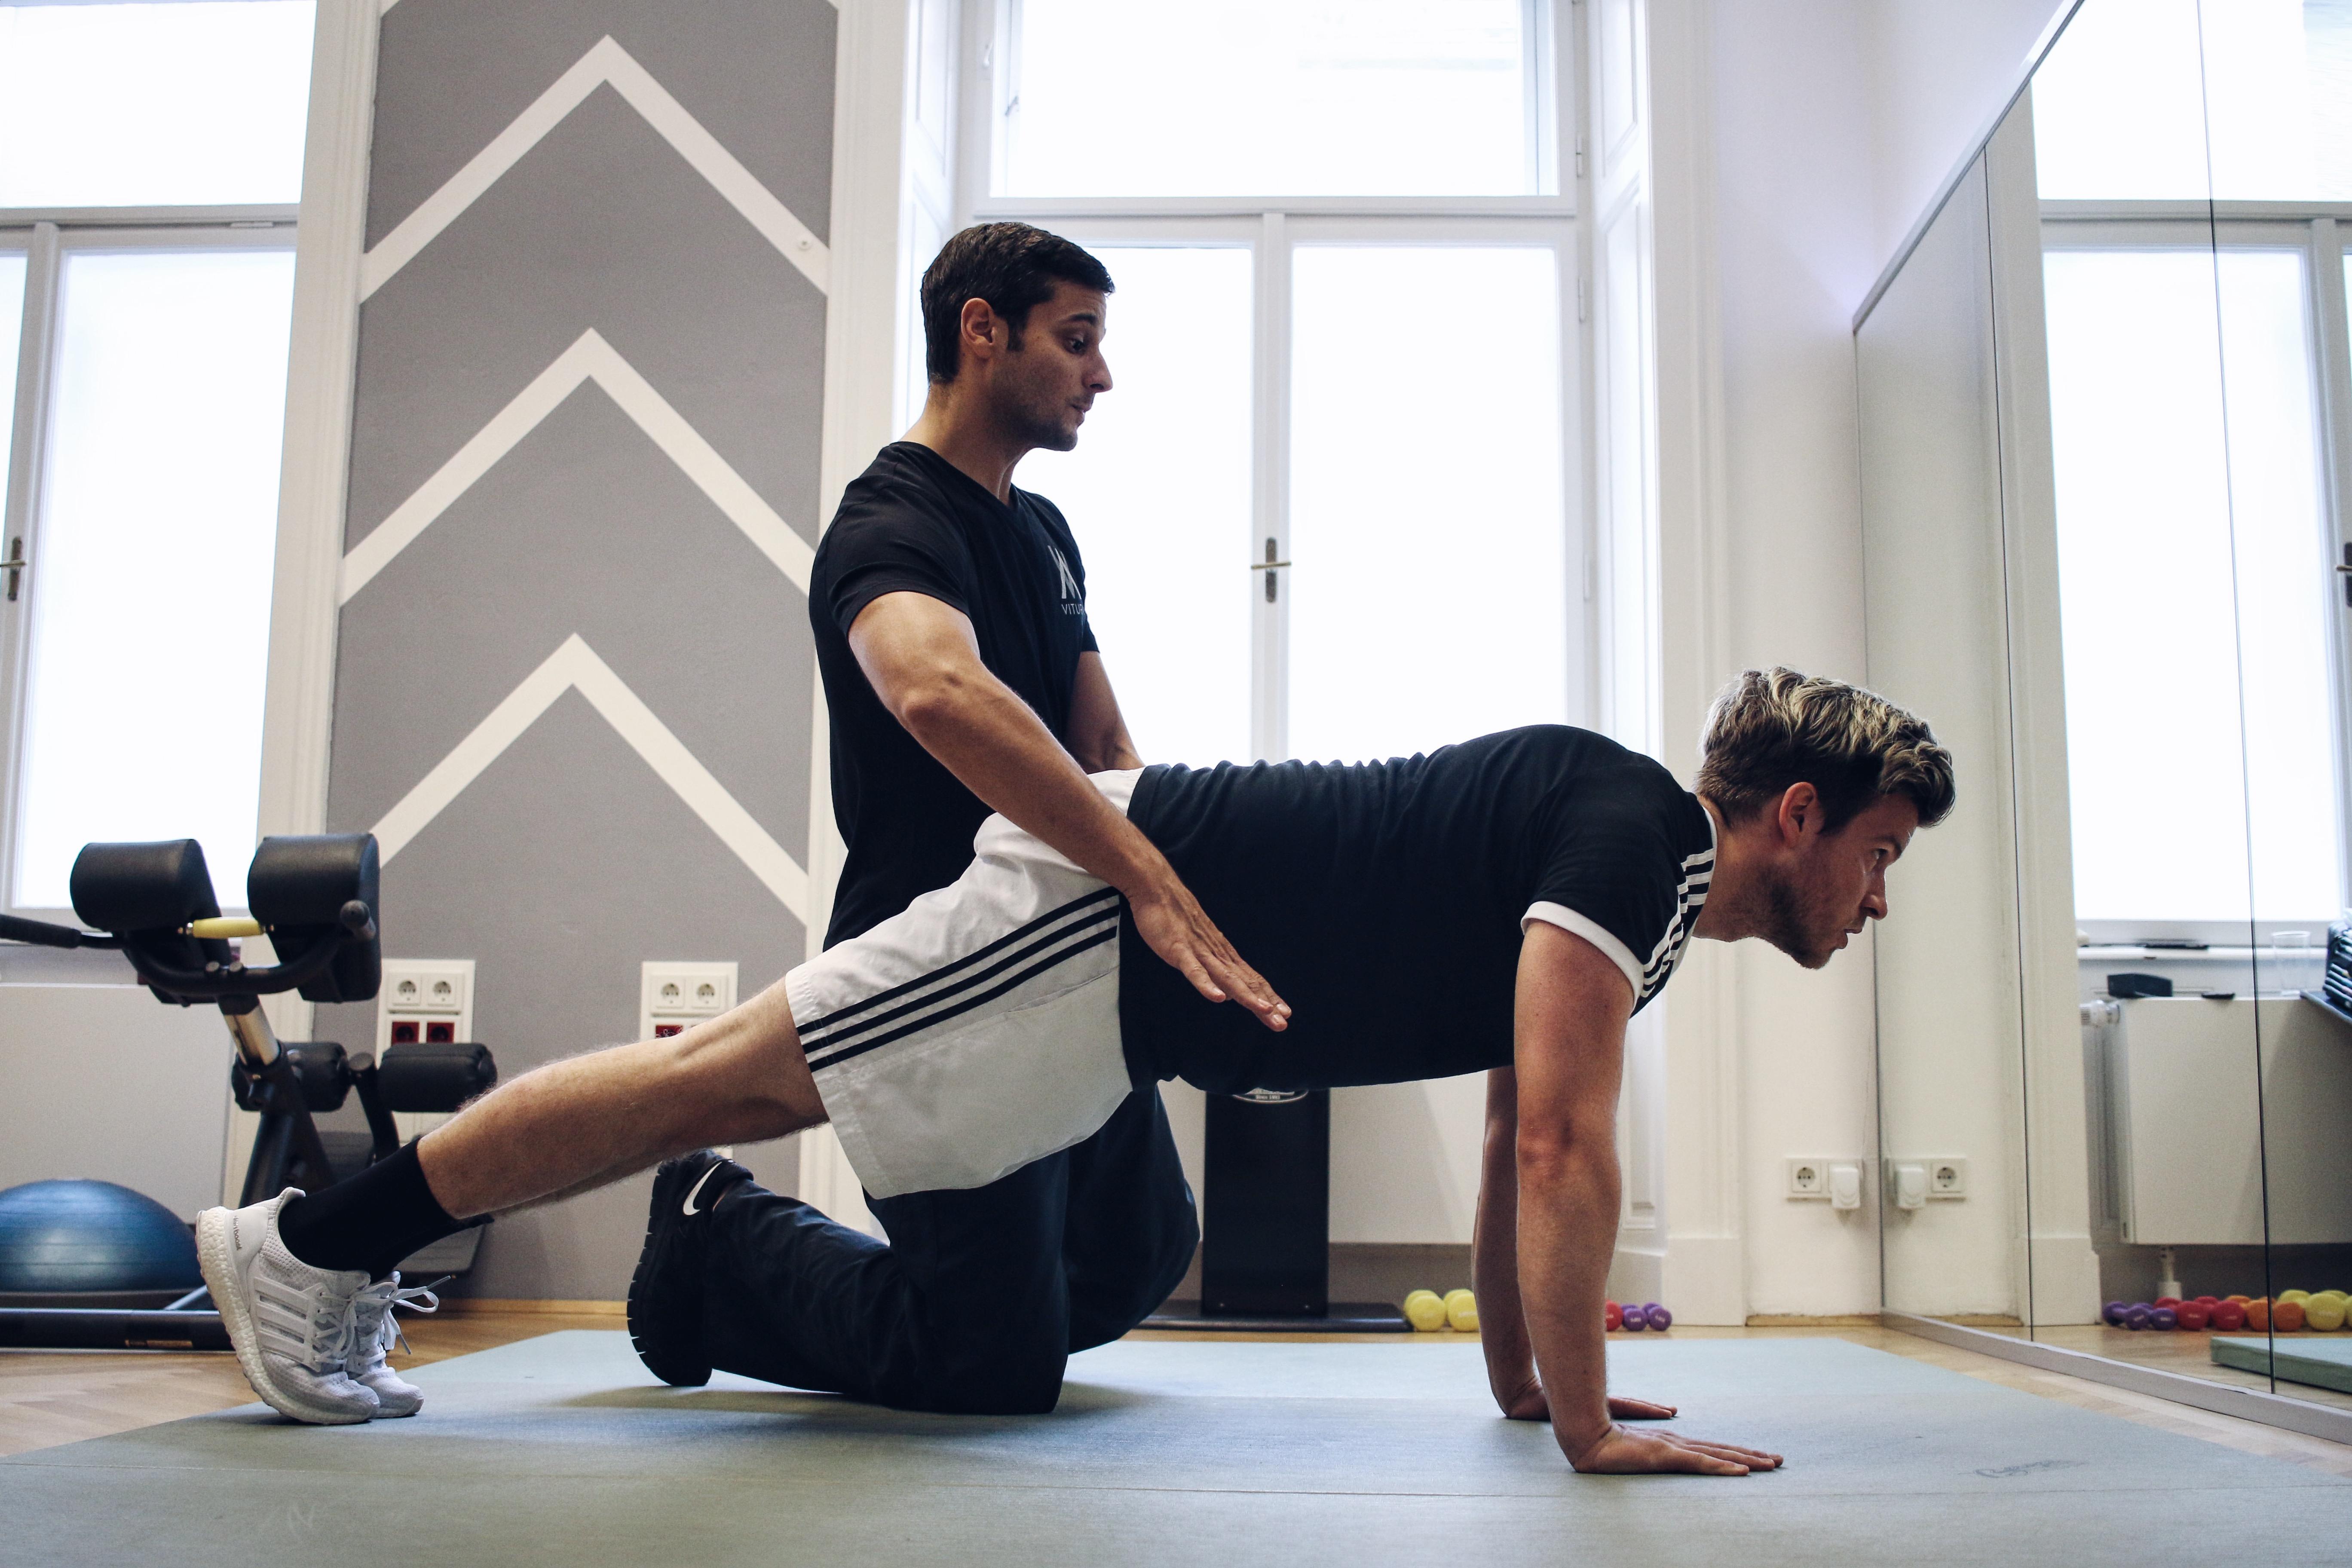 Personal Training mit Vitura_Fitness Update_Körpergewichttraining_Outdoor Workouts_Meanwhile in Awesometown_Mode und Lifestyleblogger aus Wien2